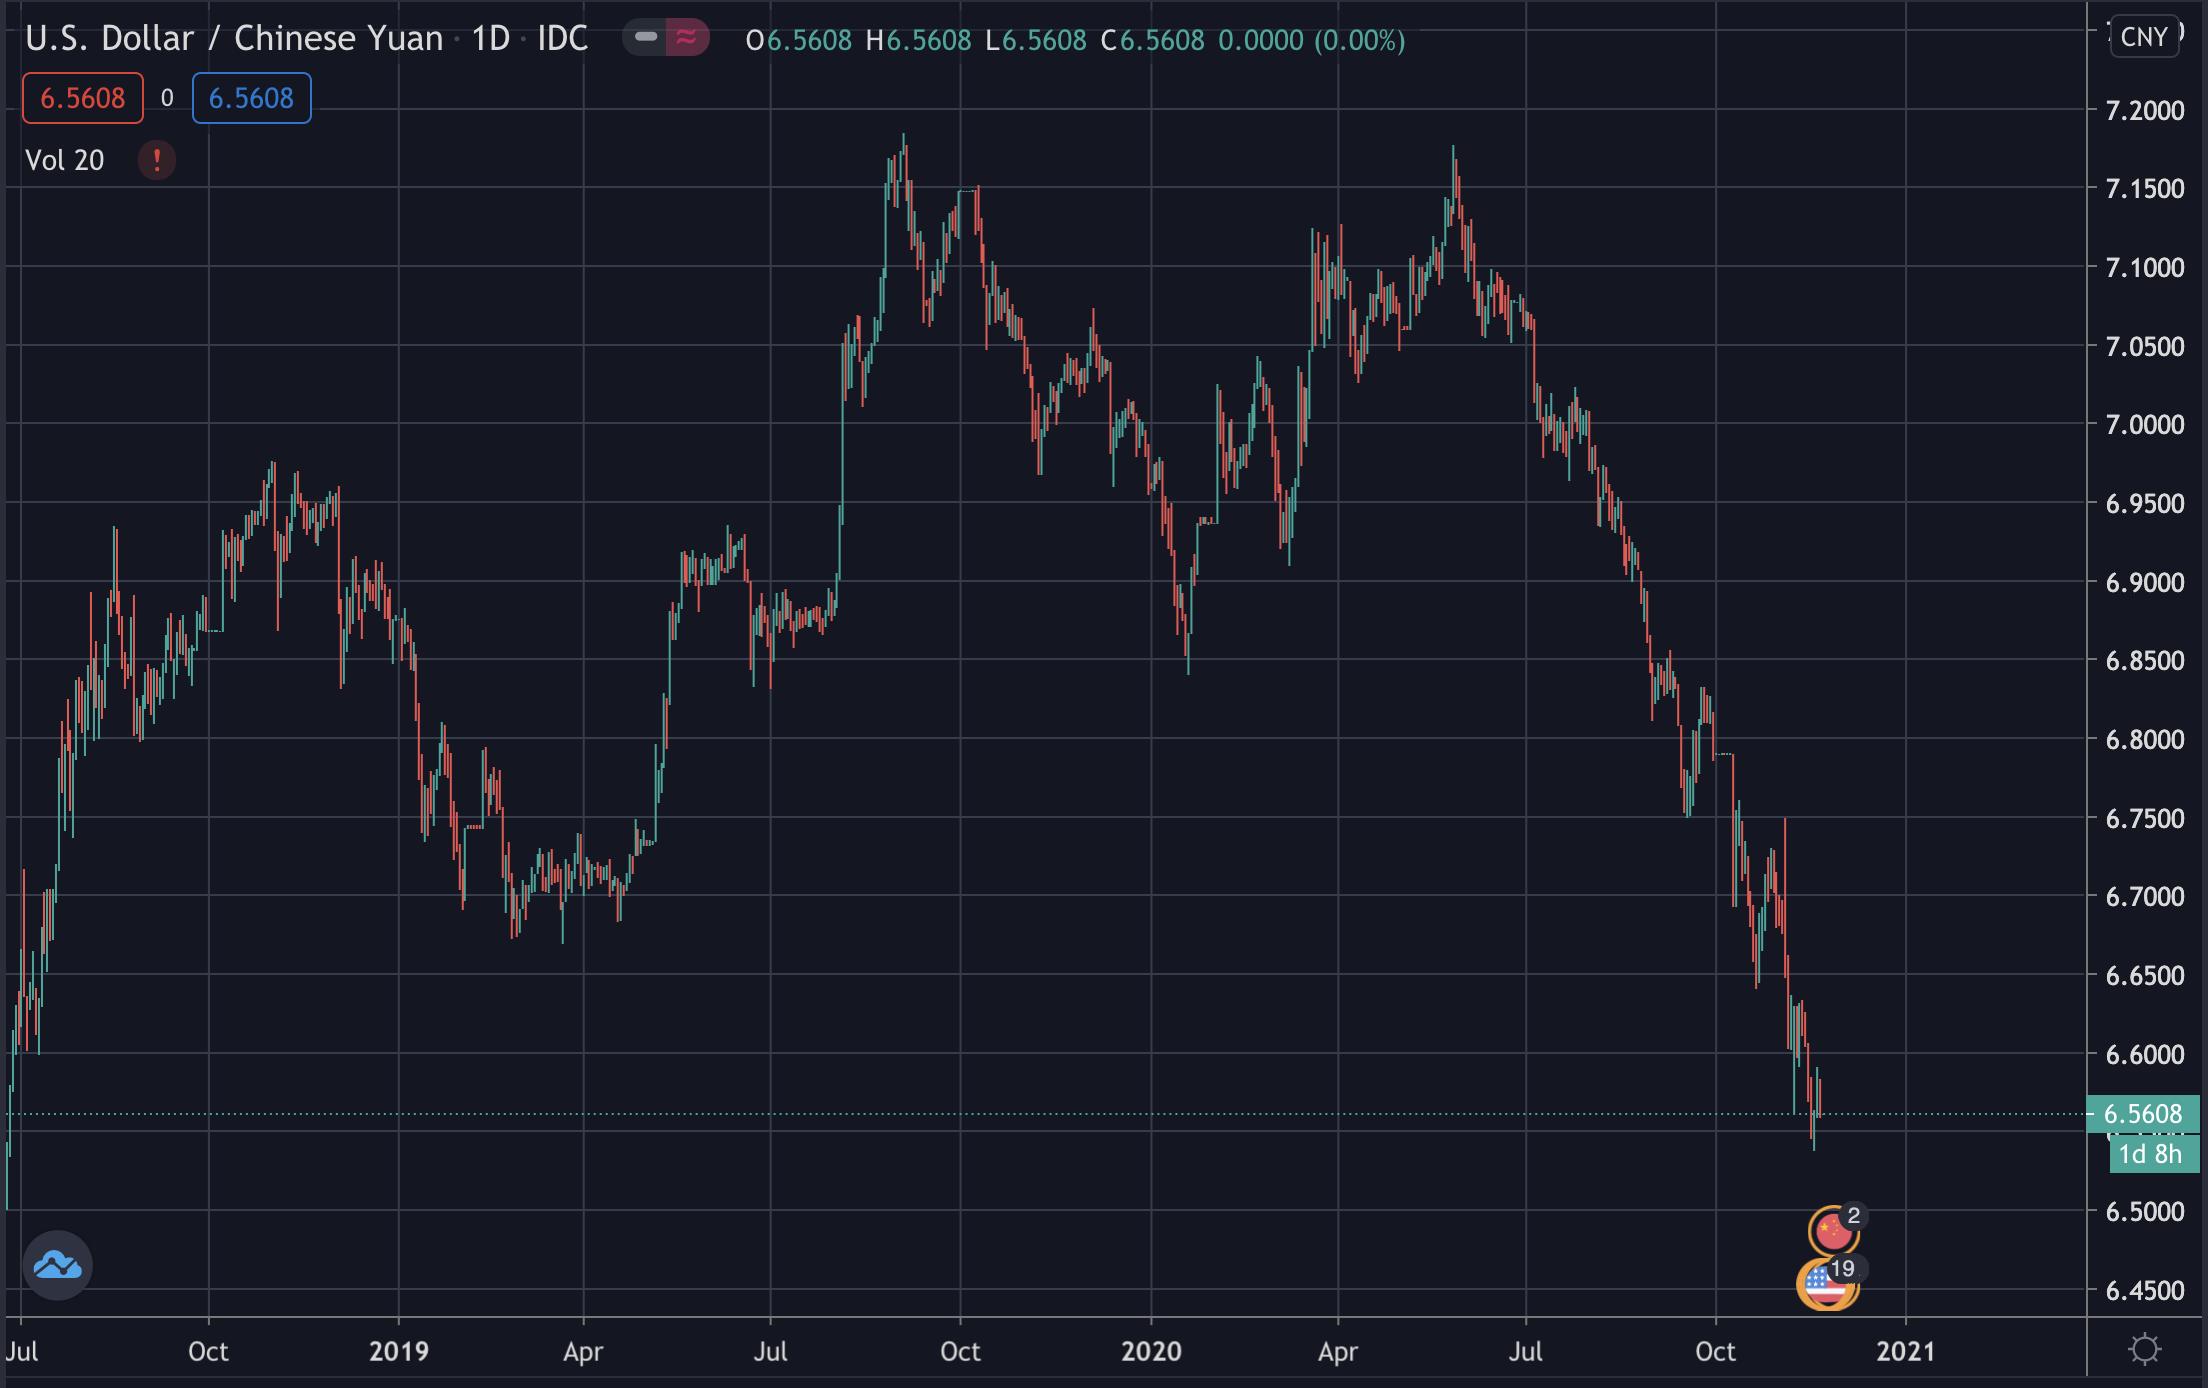 USD/CNY, November 2020